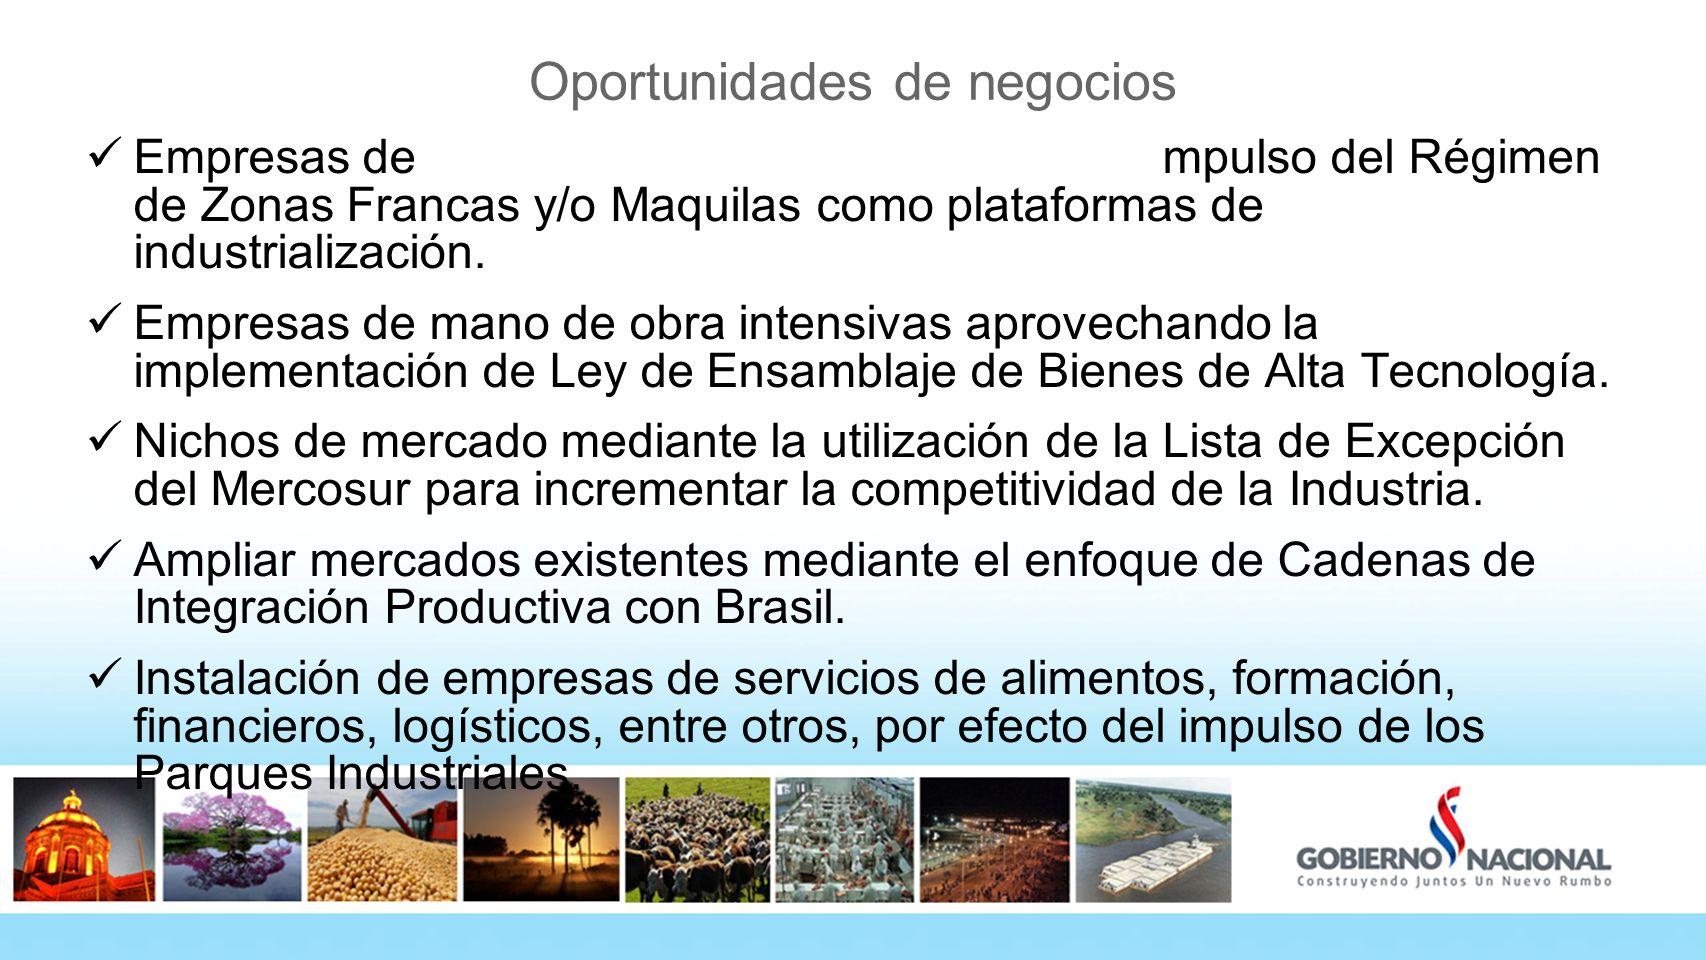 Oportunidades de negocios Empresas de capital intensivo aprovechando el impulso del Régimen de Zonas Francas y/o Maquilas como plataformas de industrialización.